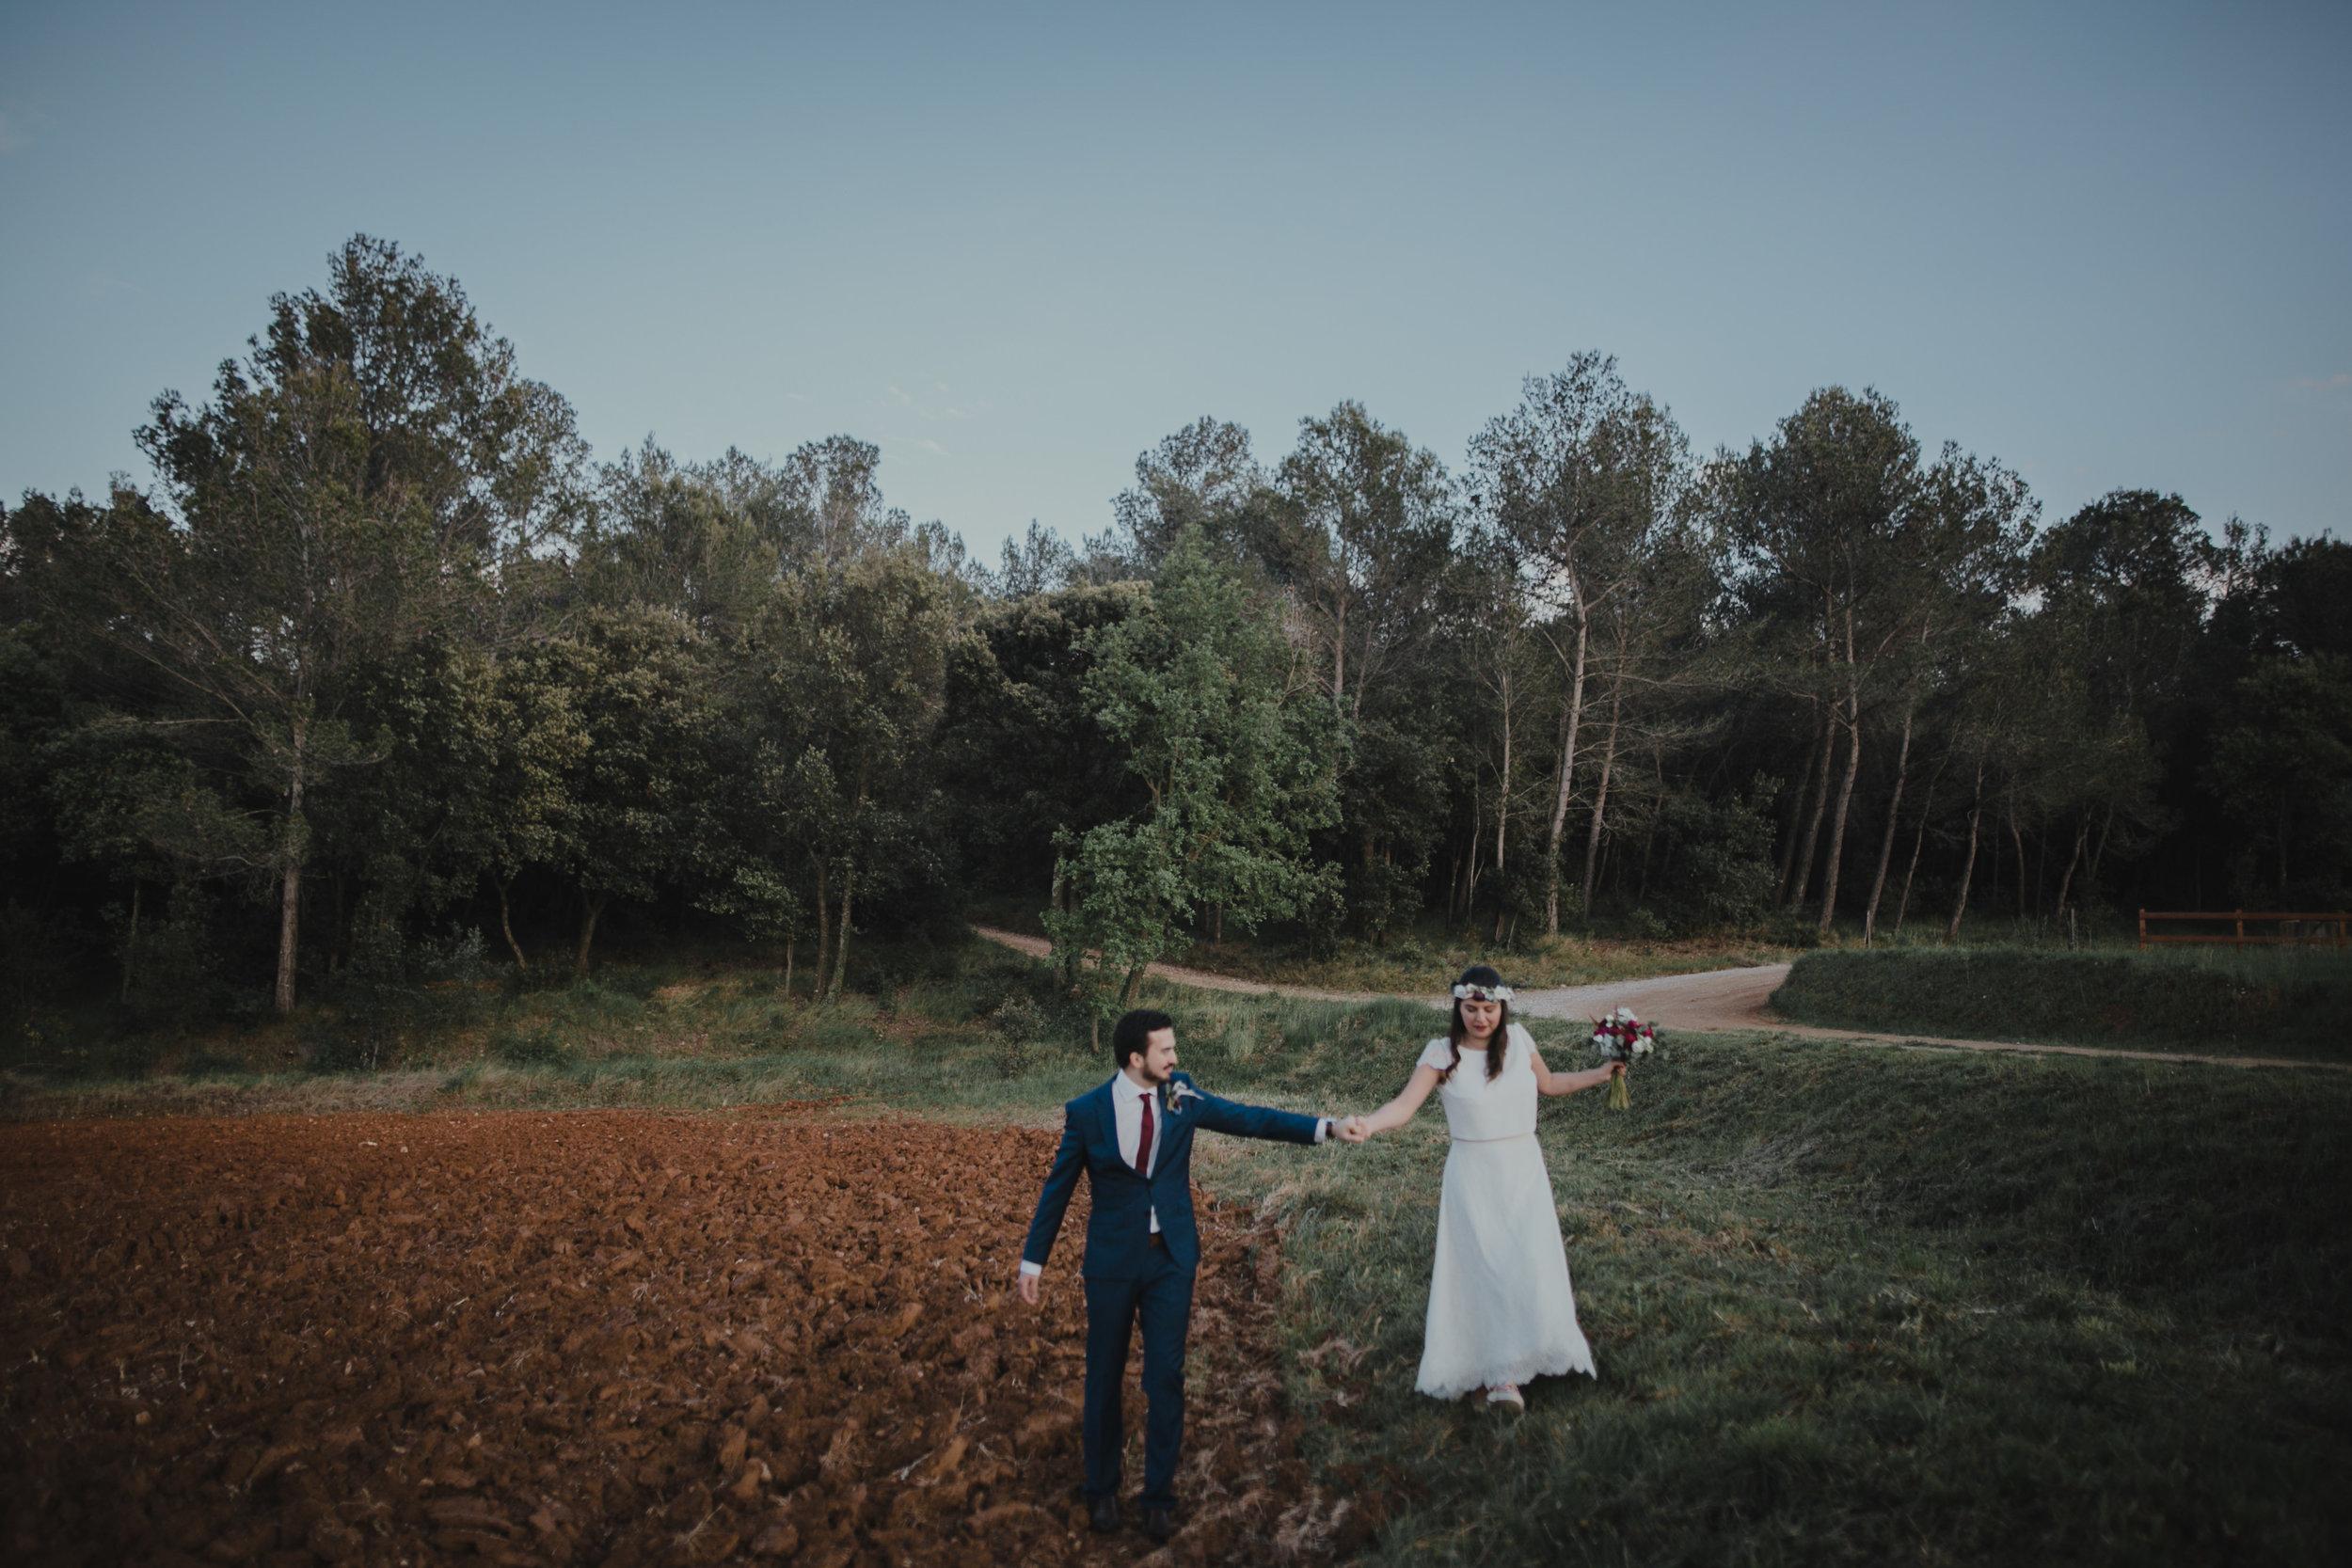 Fotografo de bodas españa serafin castillo wedding photographer spain 046.jpg